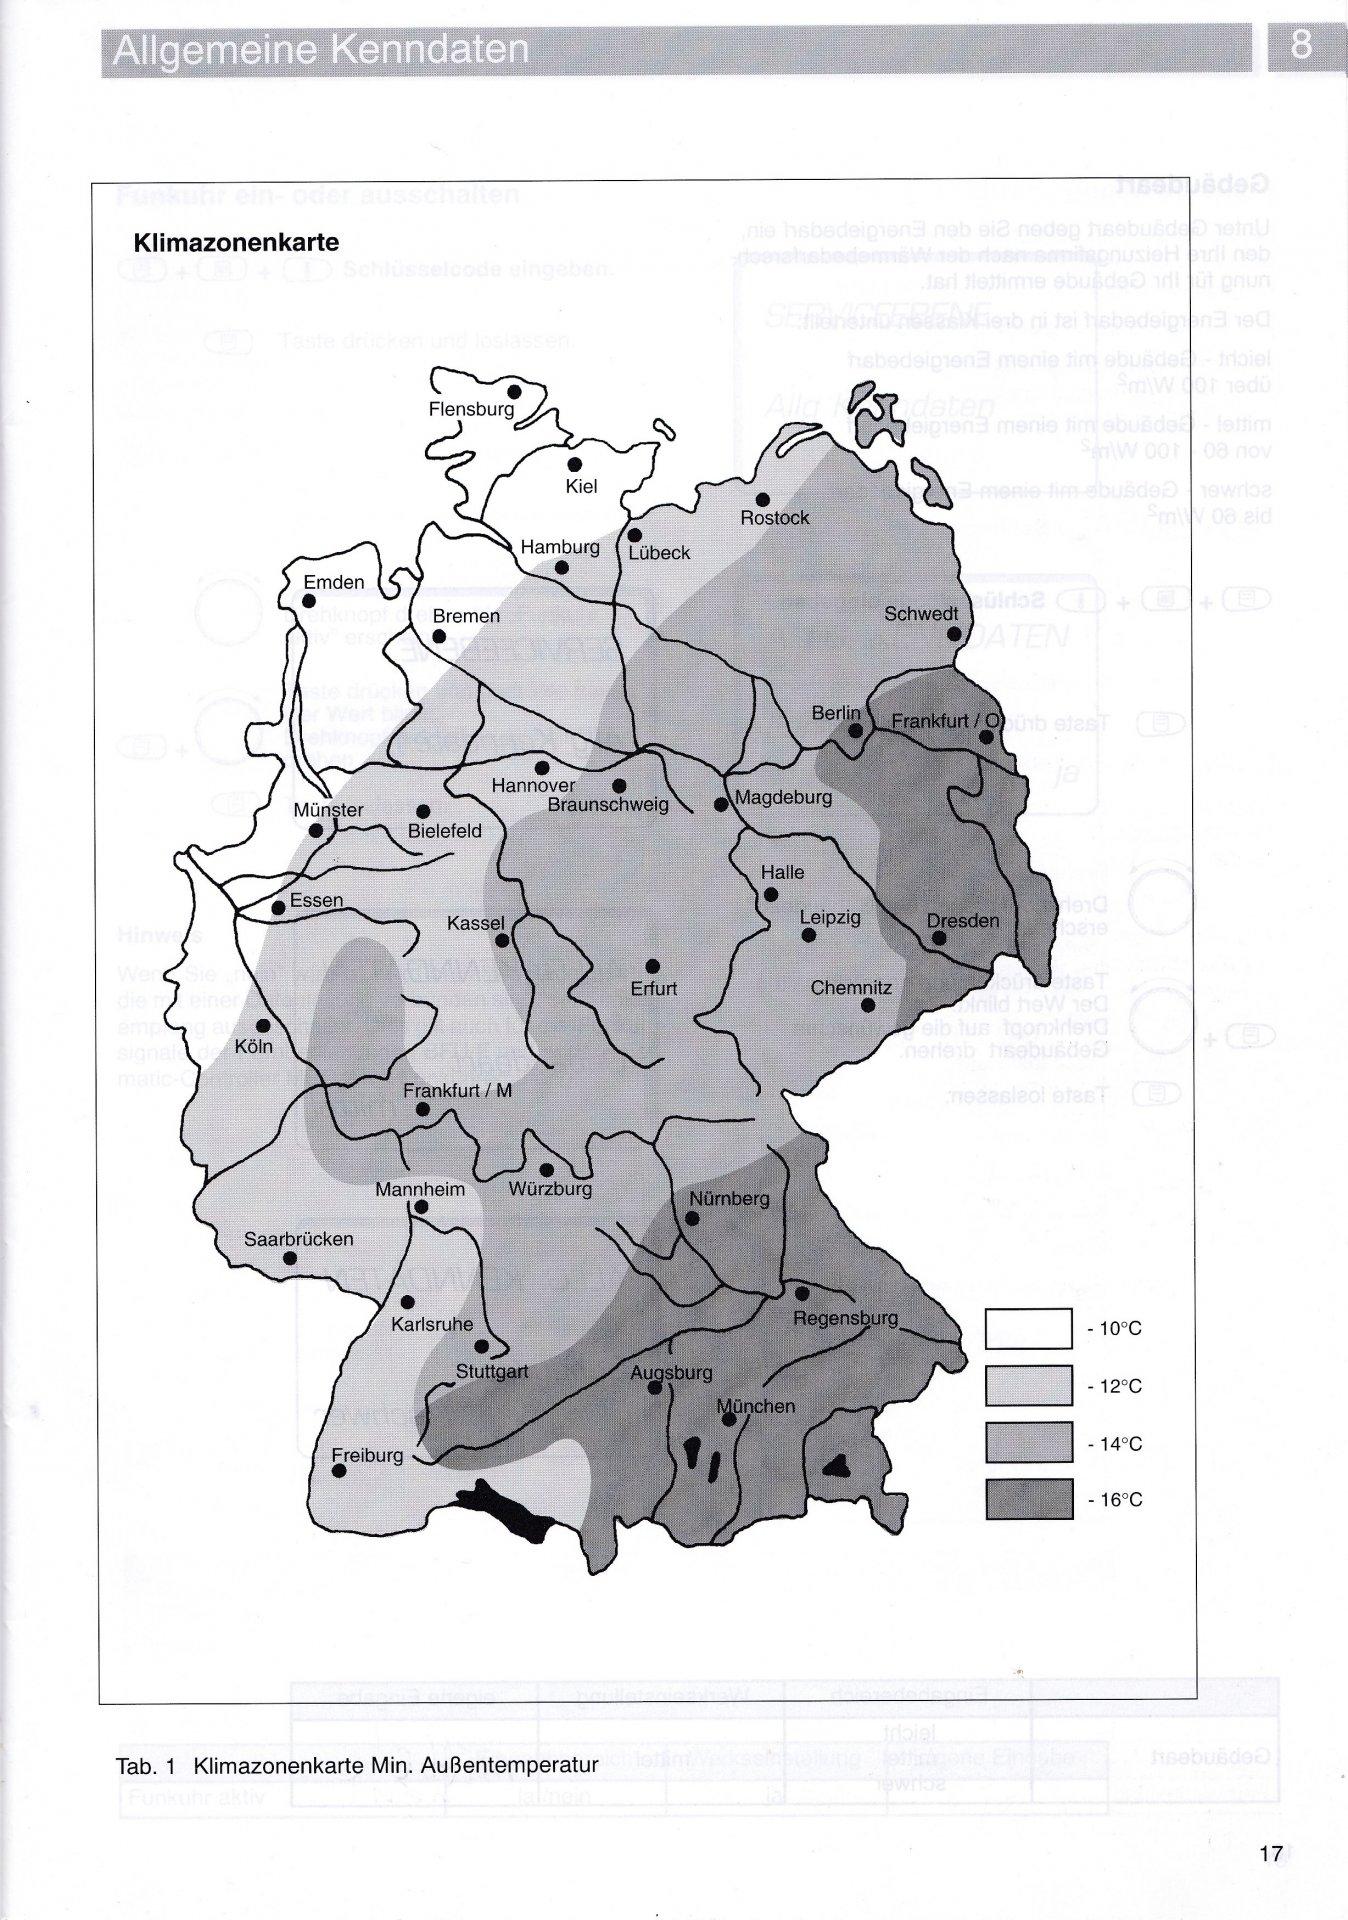 Klimazonenkarte_Buderus_Serviceanleitung_HS4211_1998-09.jpg